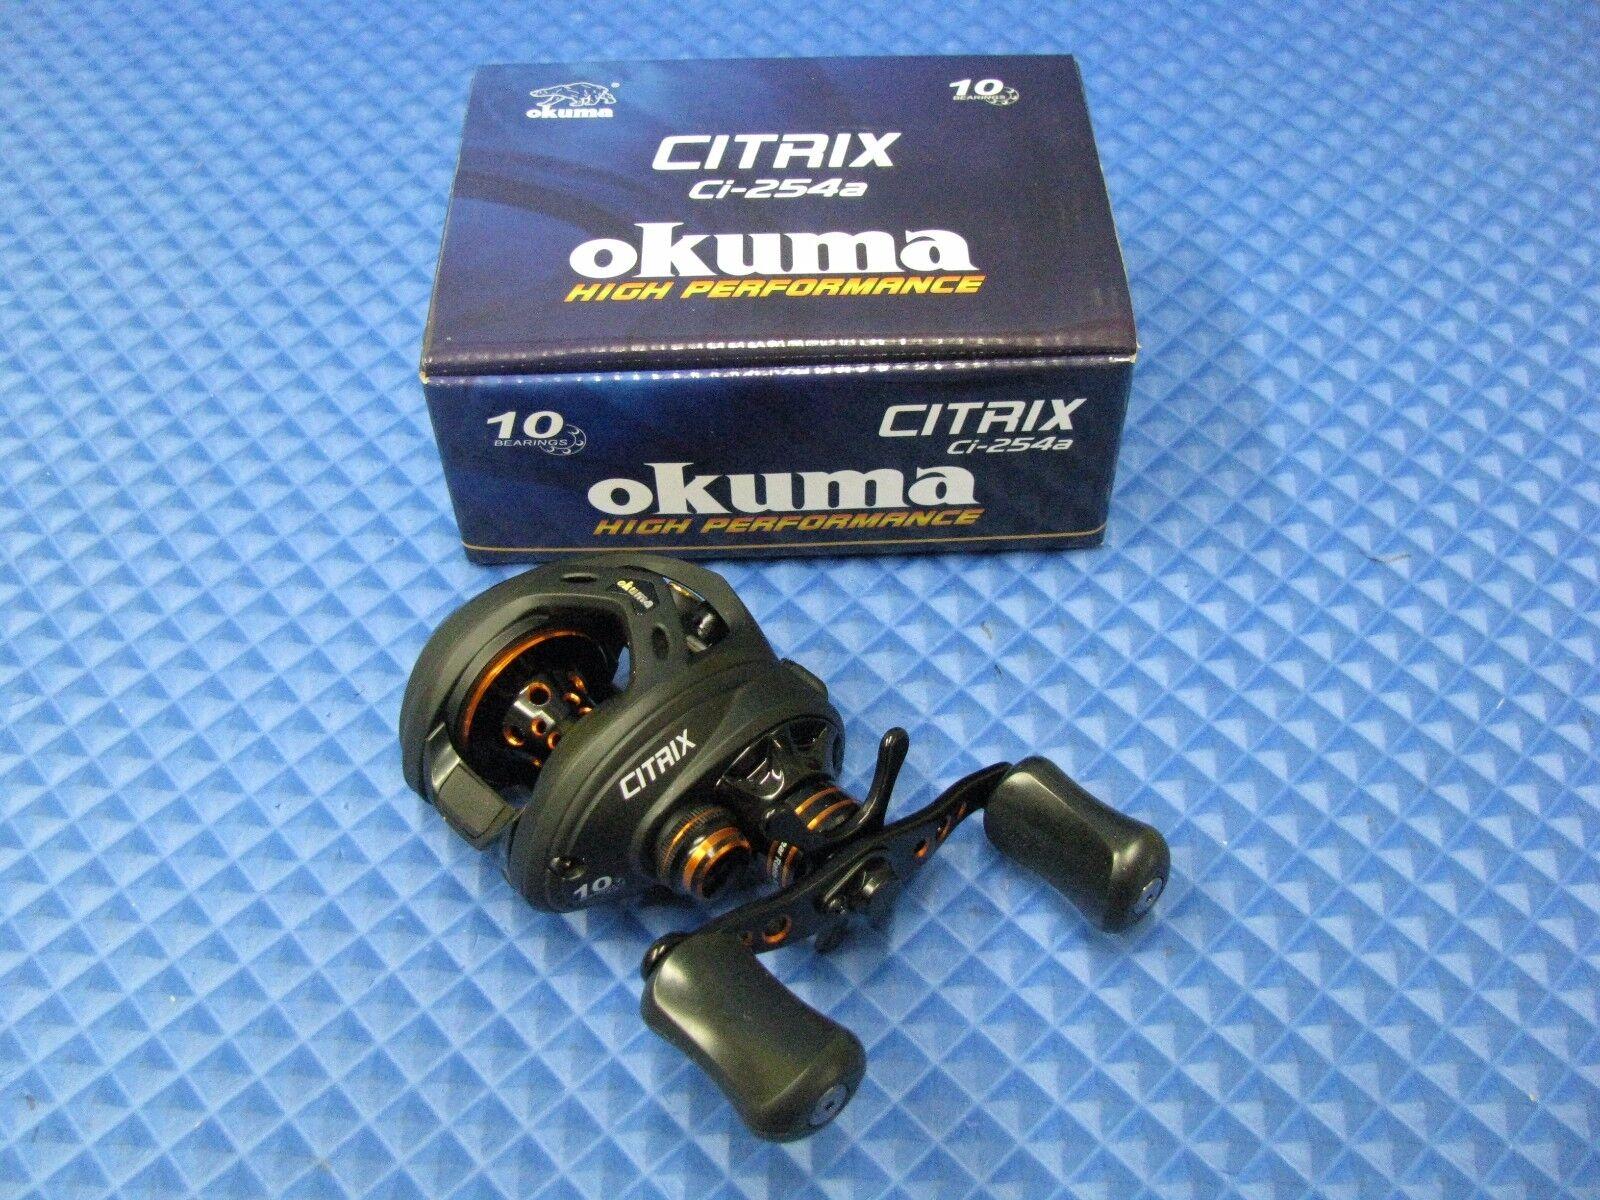 Okuma Citrix bajo perfil Carrete Giratorio Ci-254a